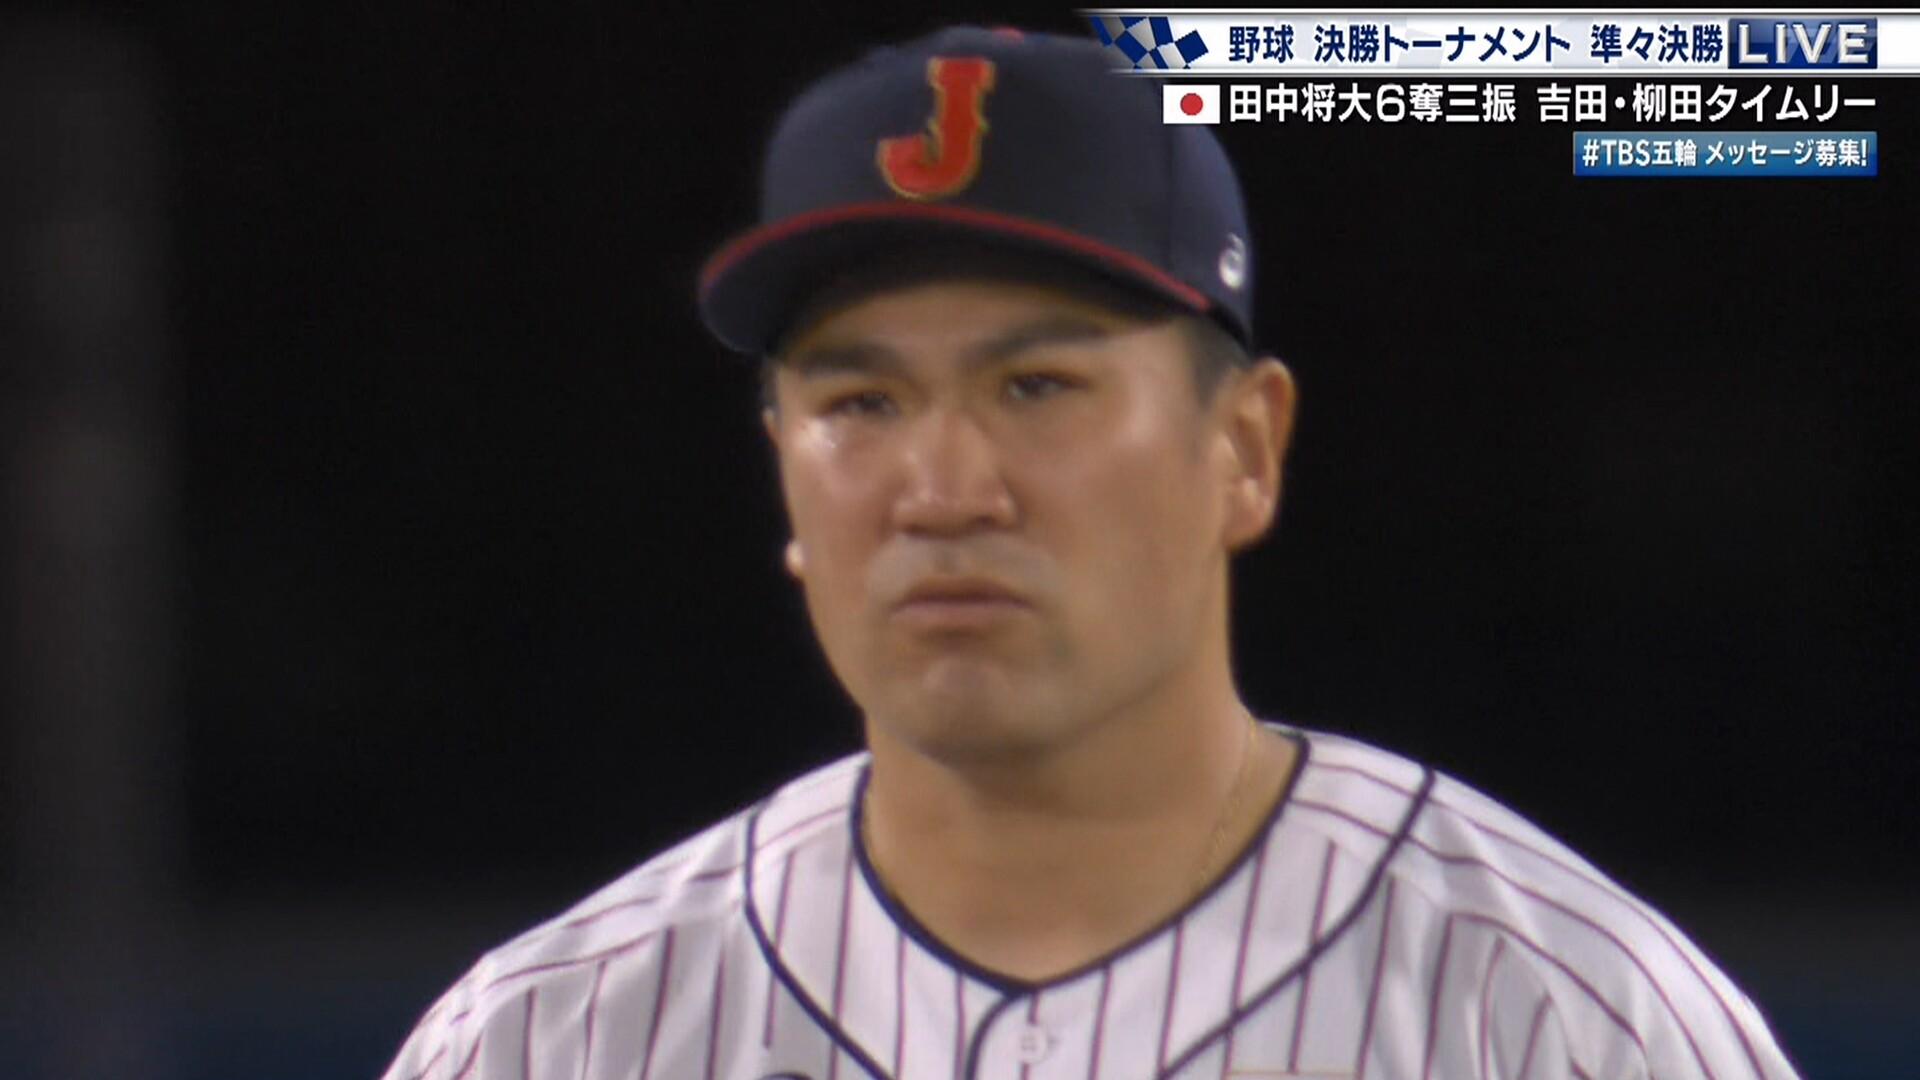 【侍ジャパン】 田中将大、4回持たずKO